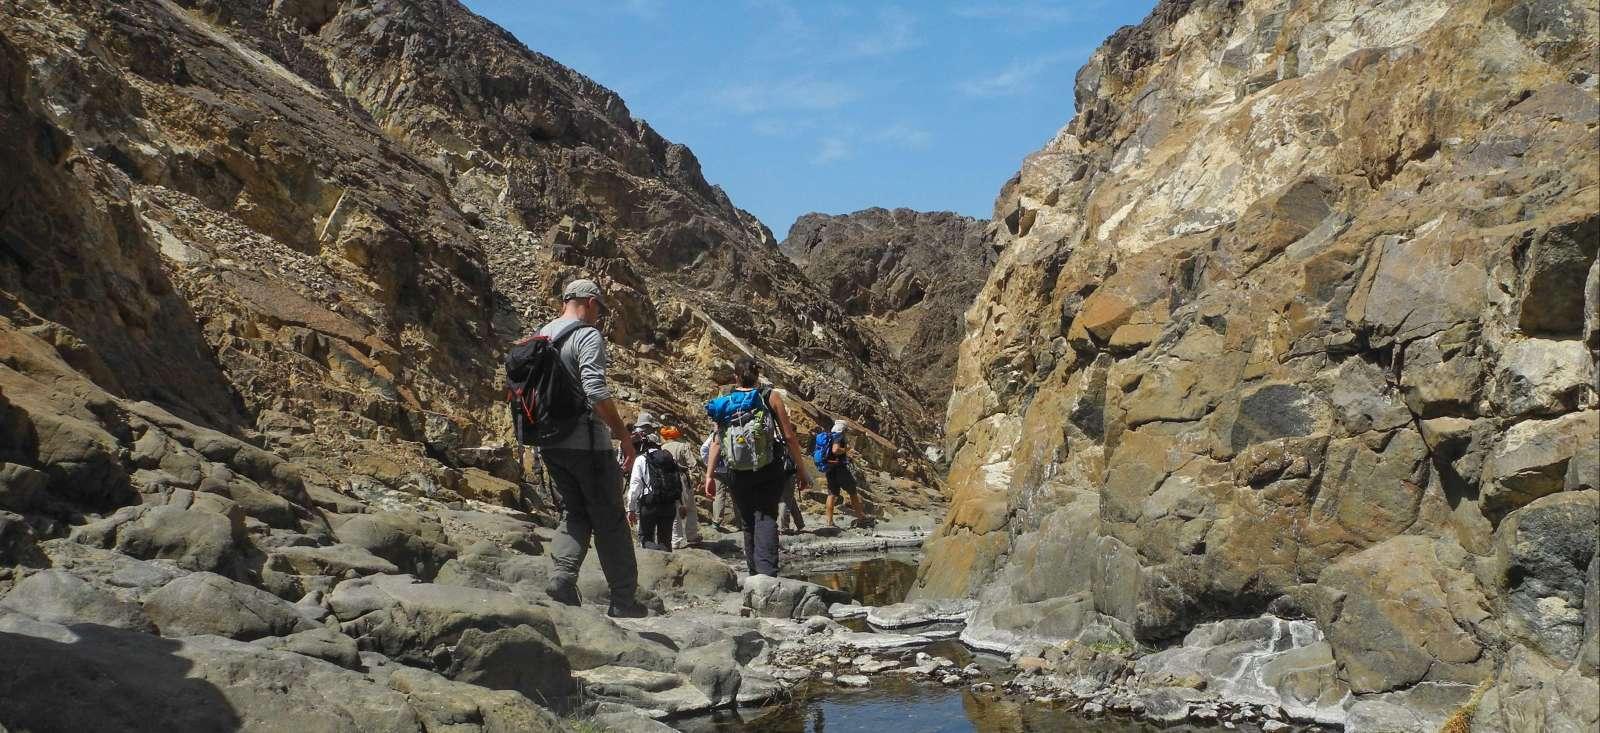 Voyage à pied : Akhdar & Shams, le trek des djebels